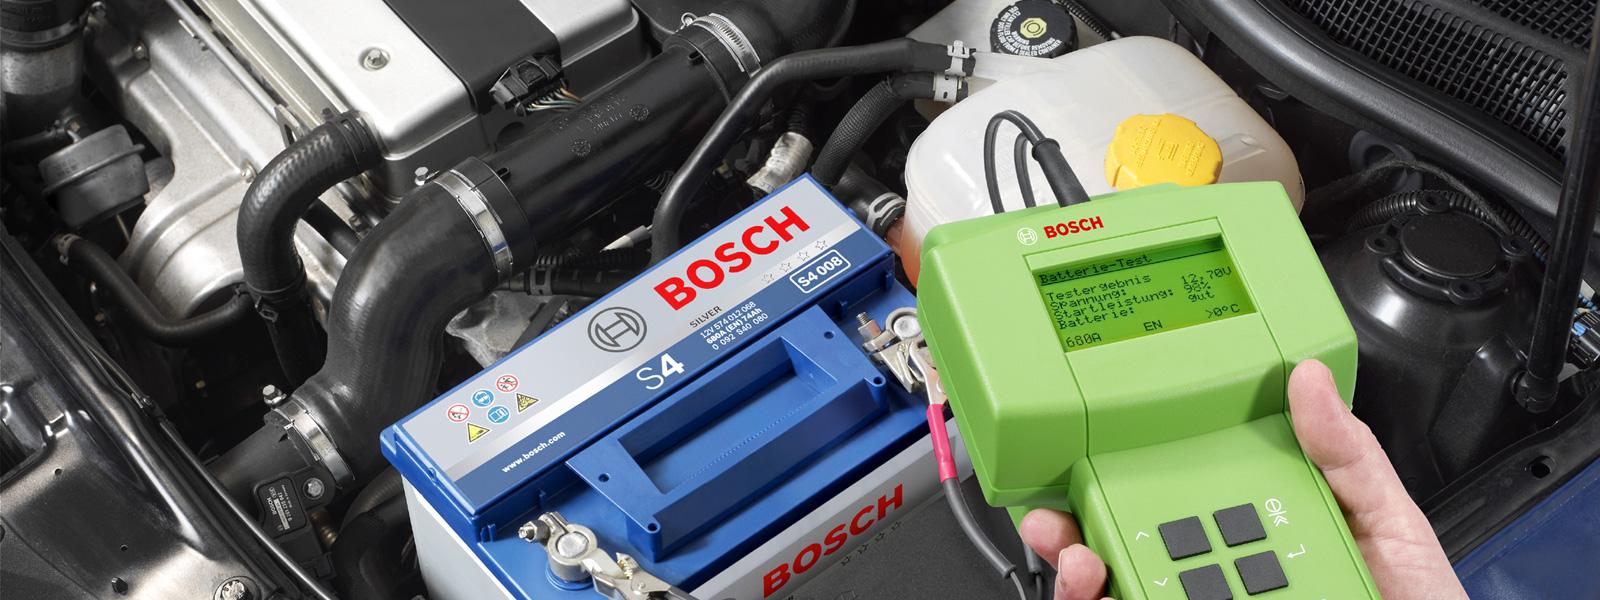 Ueberpruefen-von-elektronischen-Systeme-in-Ihrem-Fahrzeug